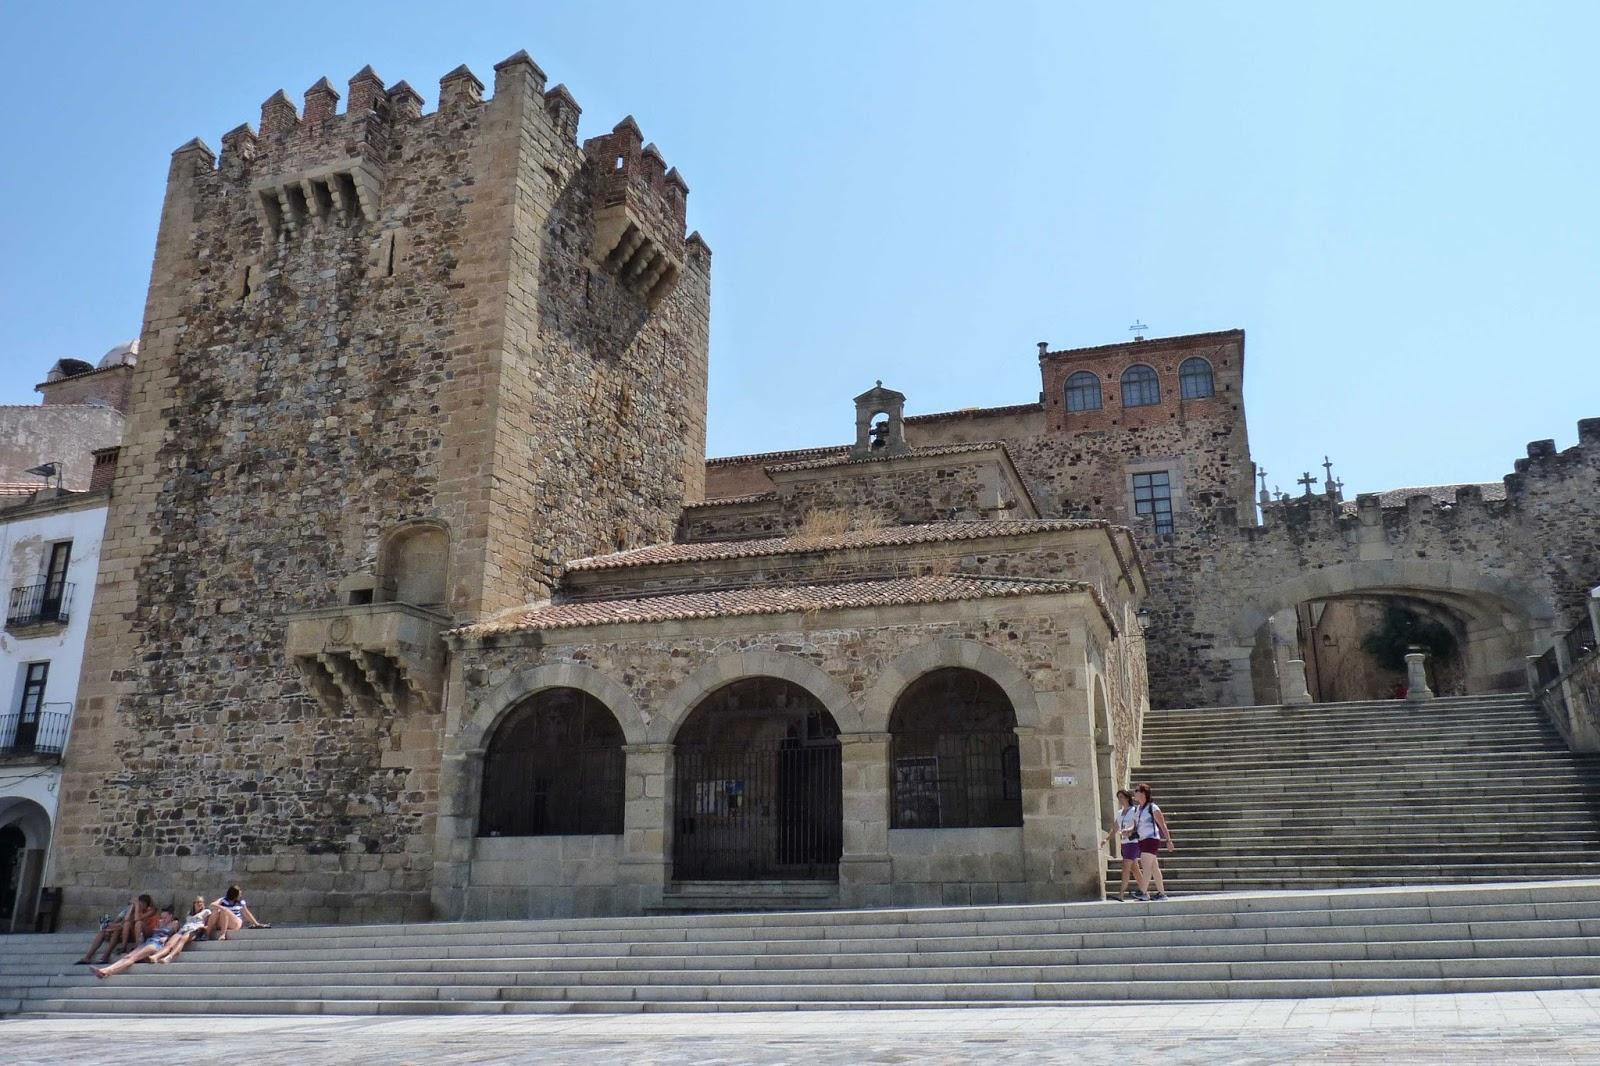 Torre de Bujaco, Ermita de la Paz y Arco de la Estrella.